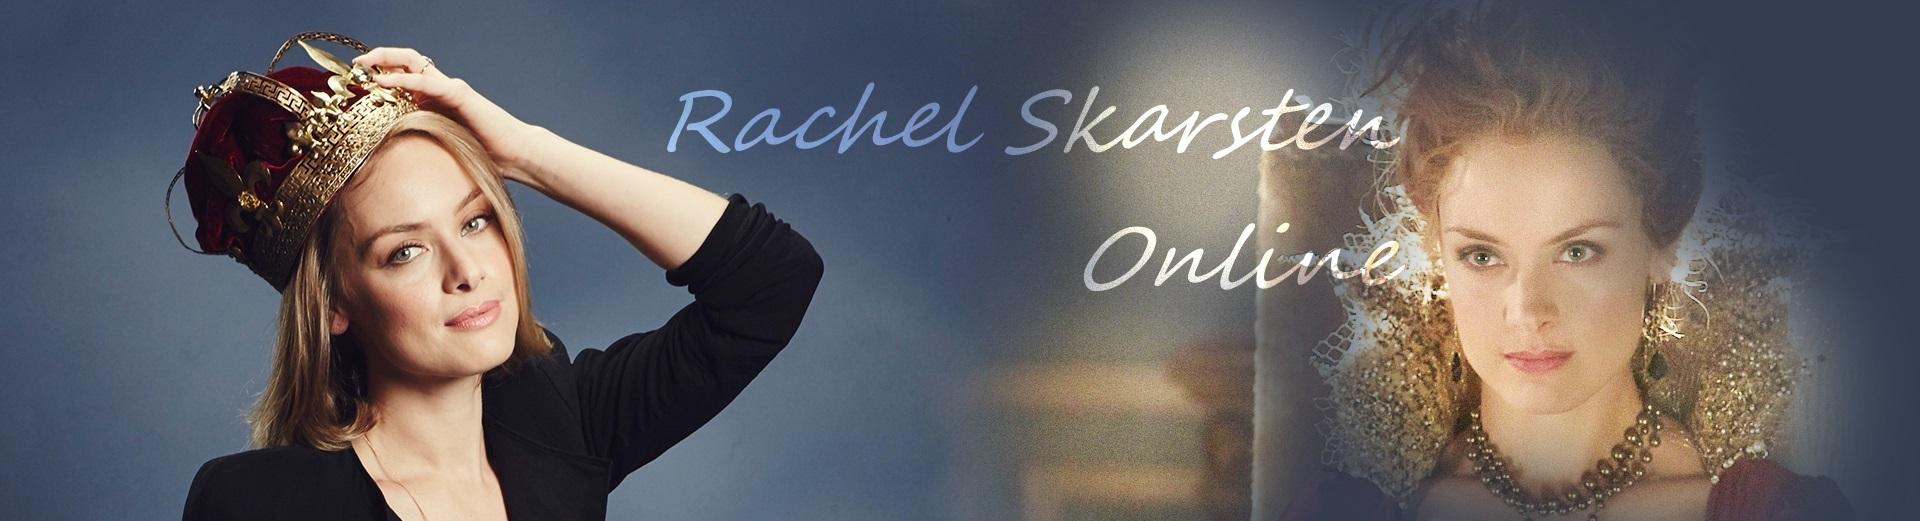 Rachel Skarsten Online Forum